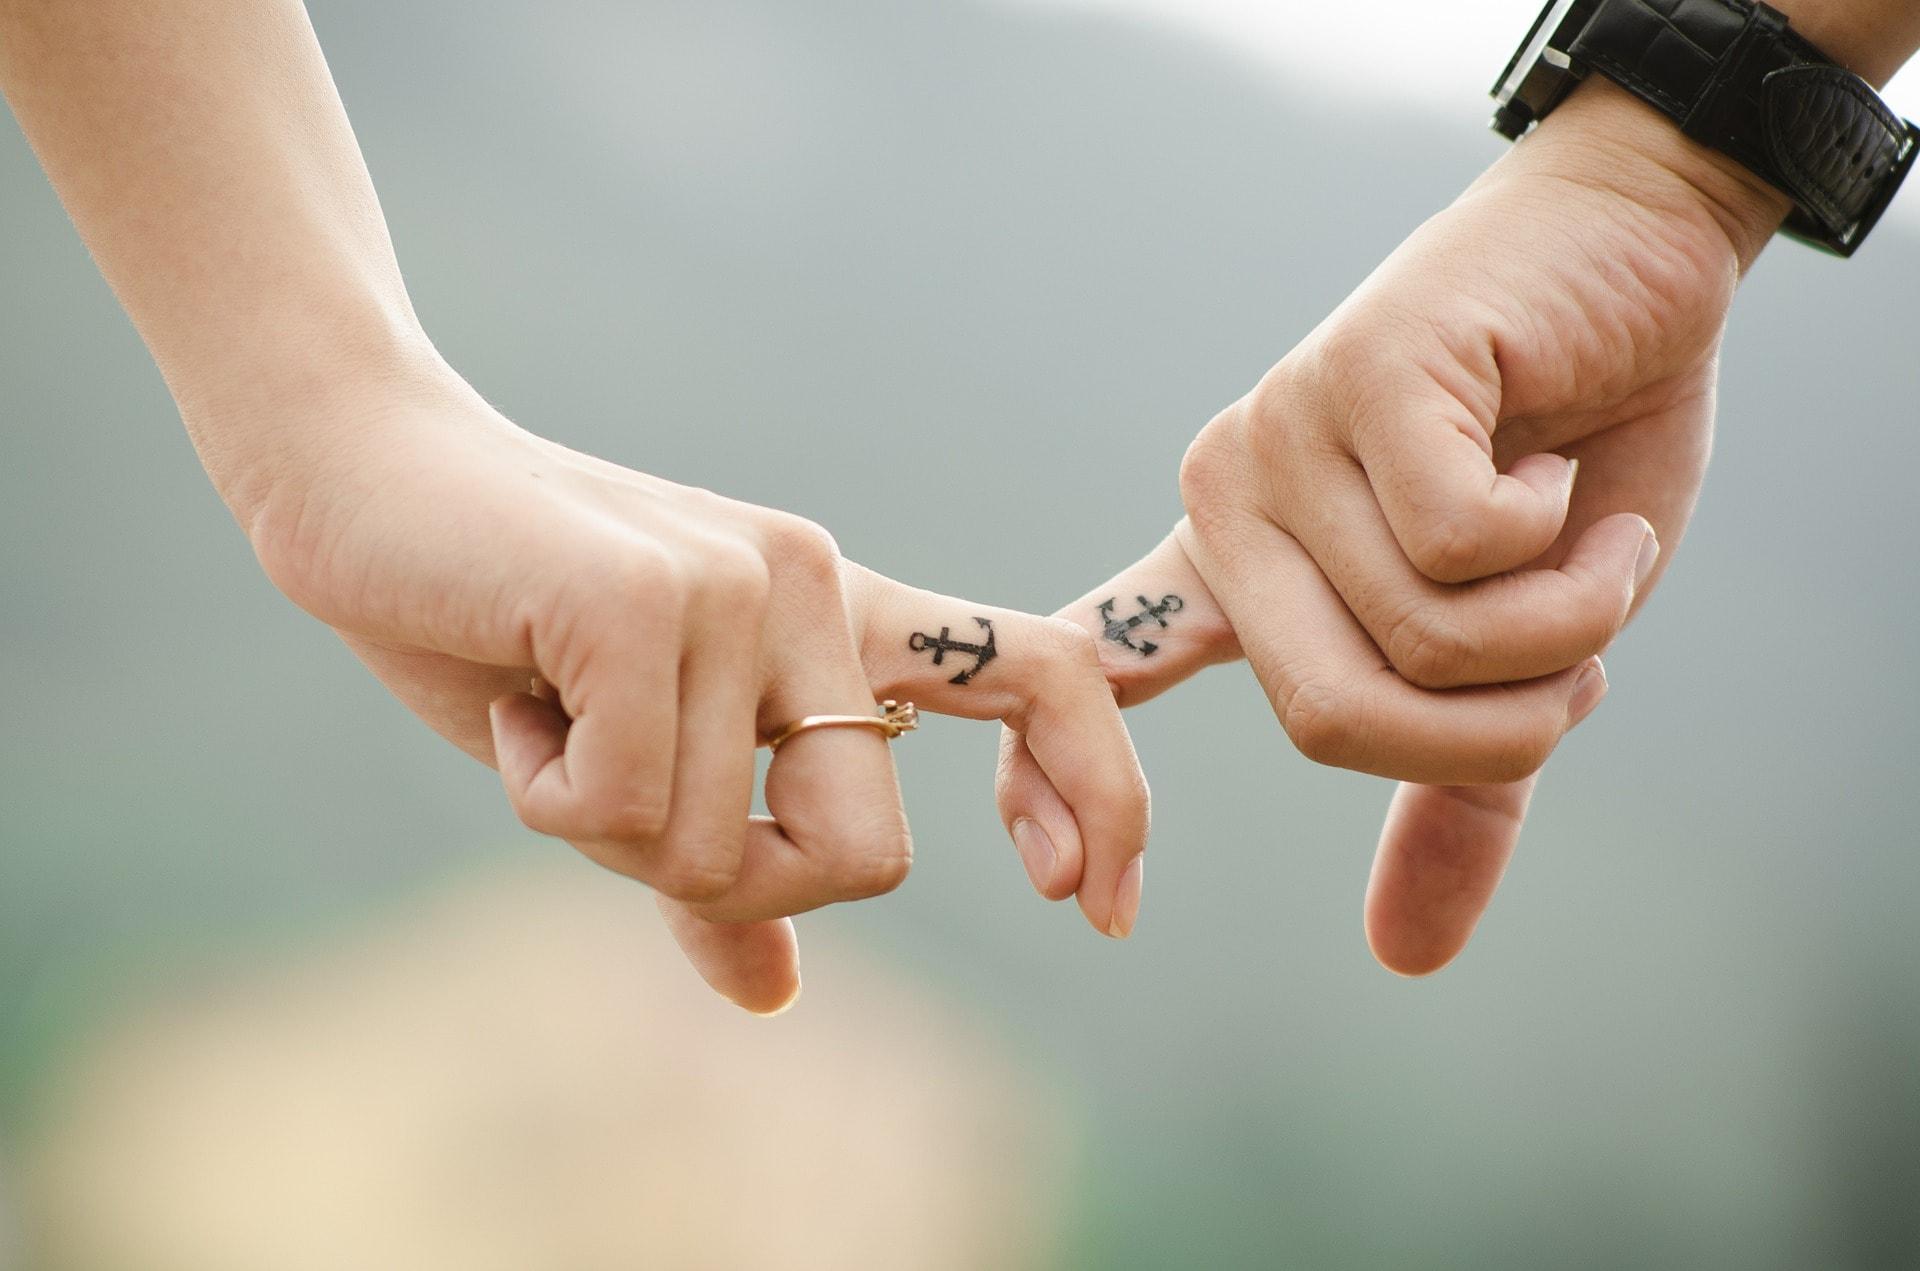 При сохранении душевной теплоты важно дать шанс отношениям